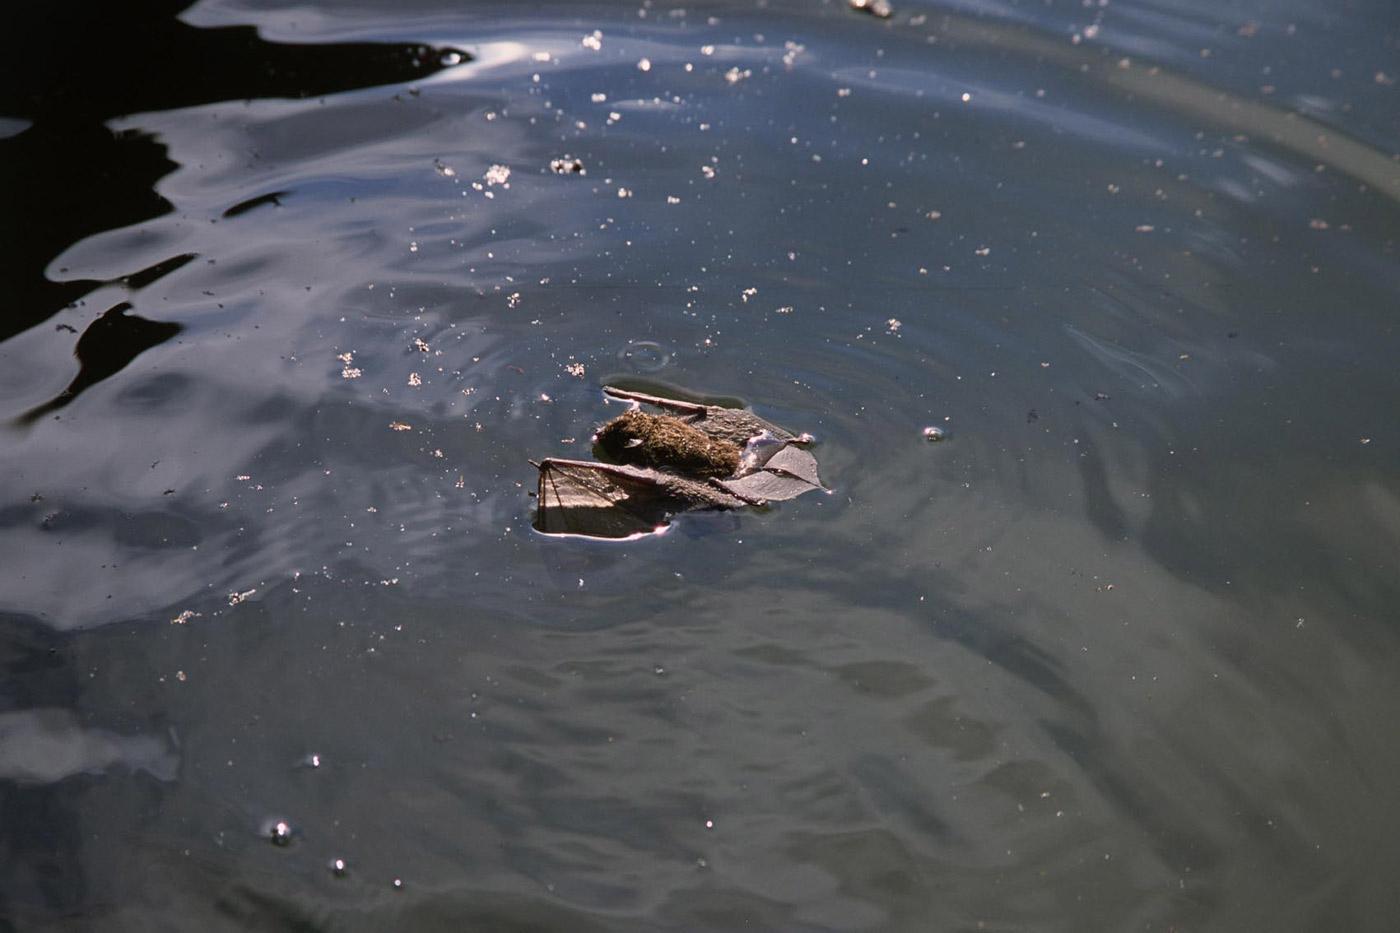 bat-in-a-river-1